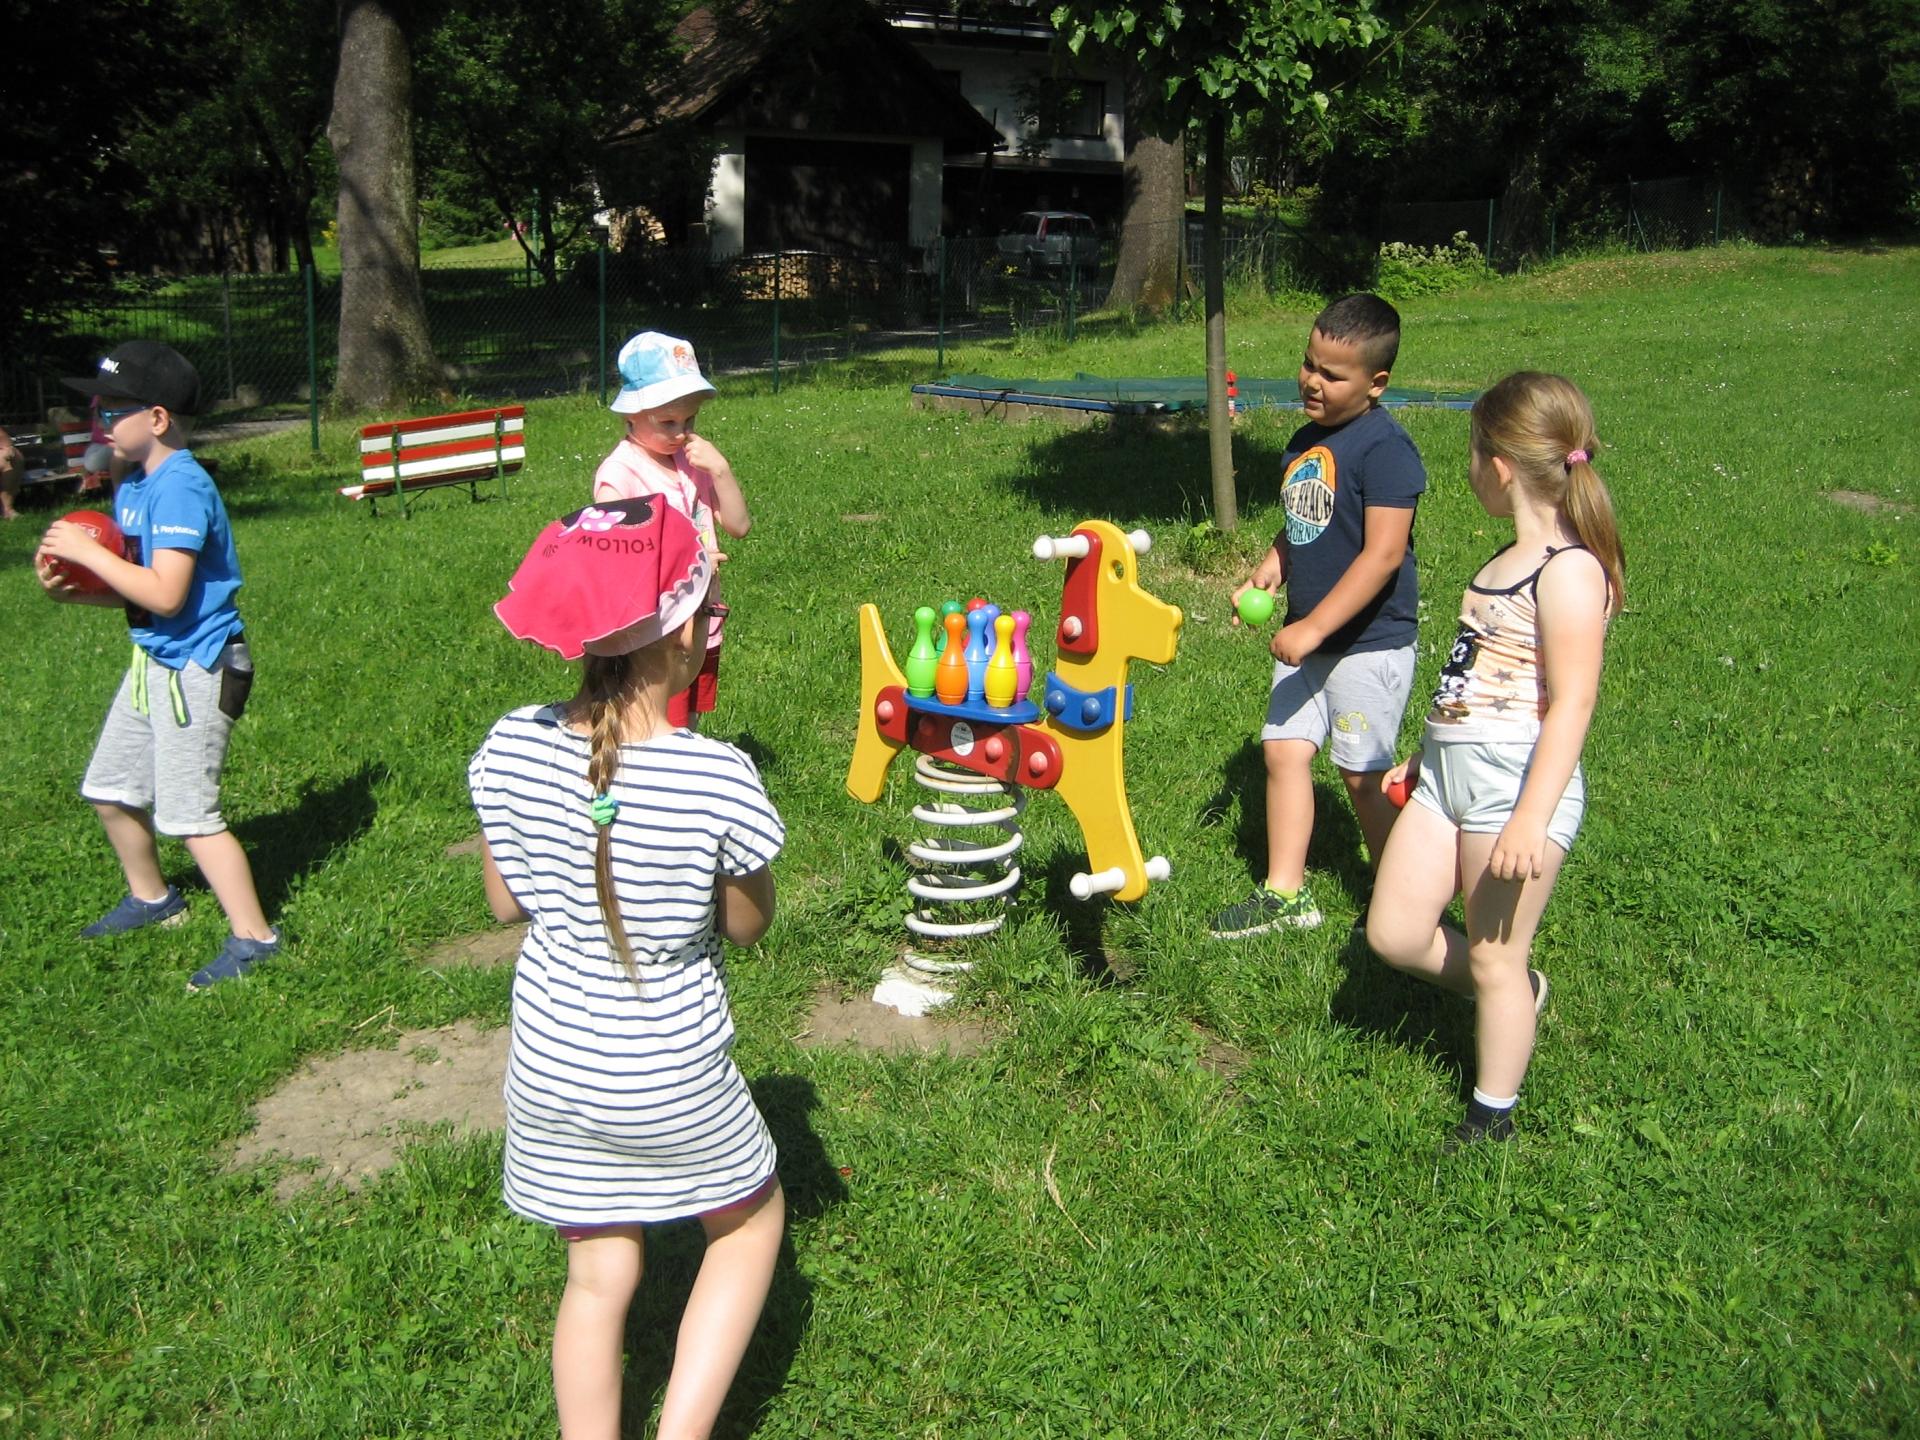 Děti si hrají s kuželkami